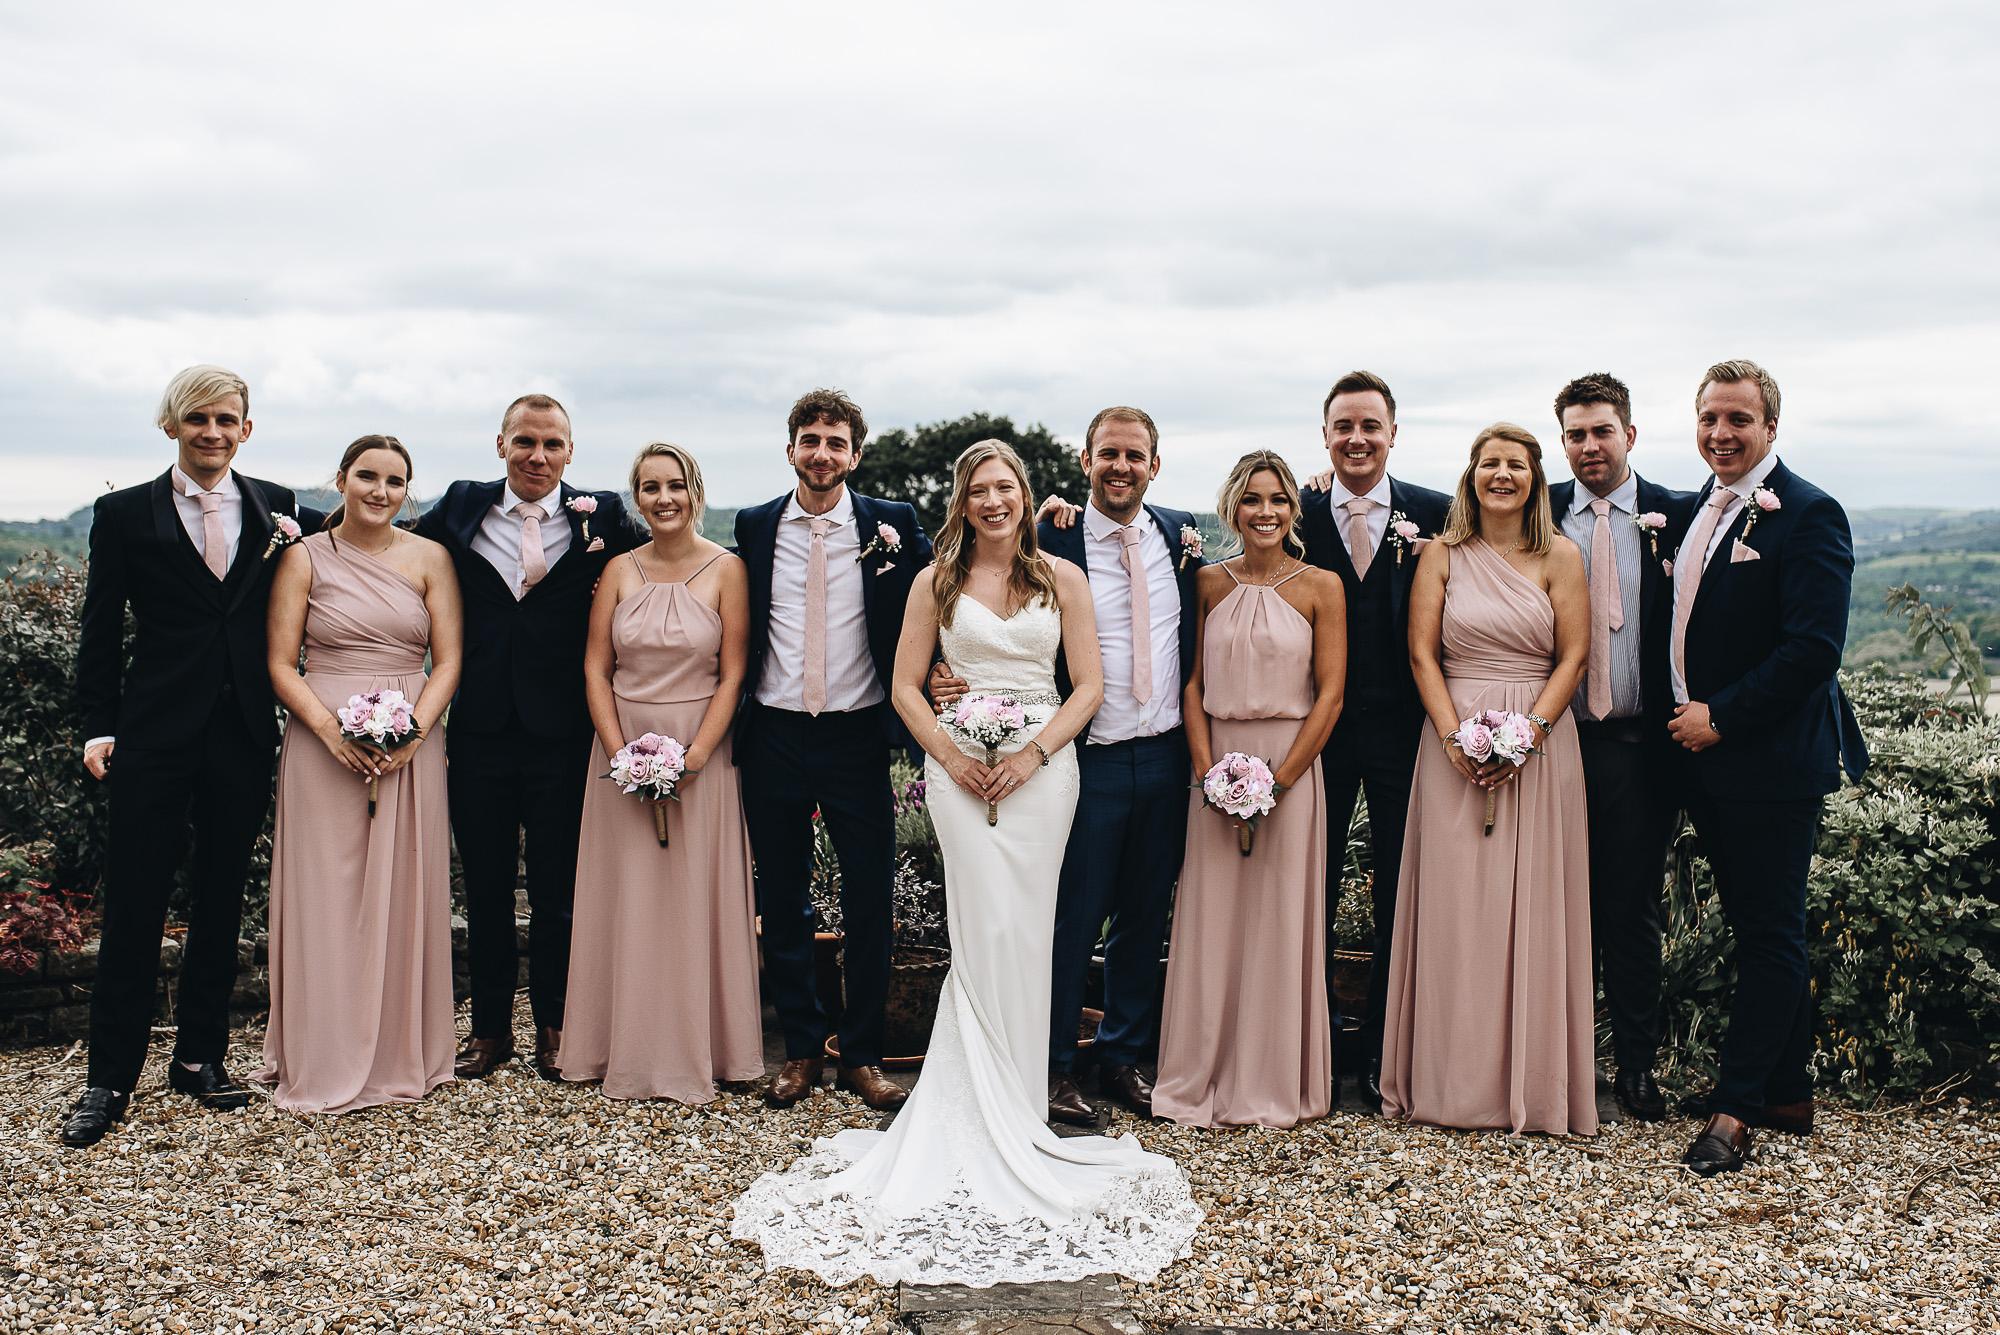 OurBeautifulAdventure-CardiffCastleWedding-Maddie&Joe-WeddingBlog-2312.jpg